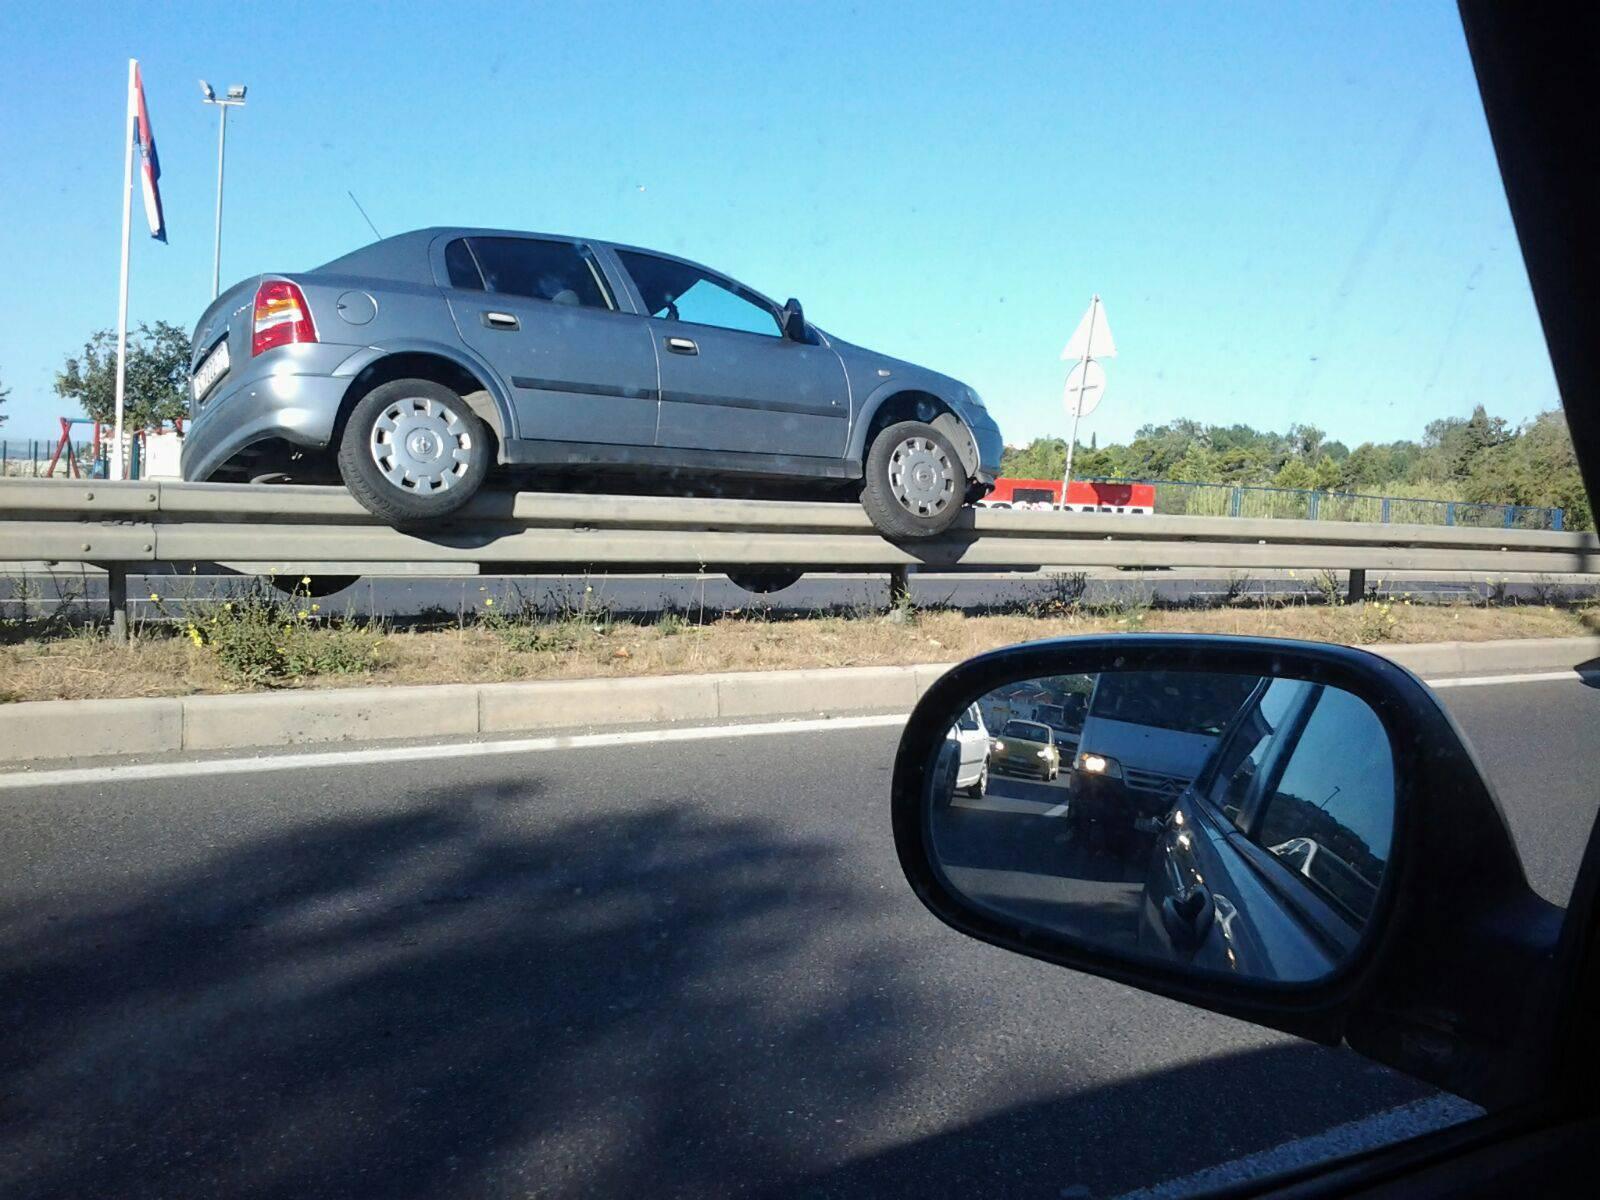 Kako je ovo izvela? 'Parkirala' automobil na zaštitnu ogradu